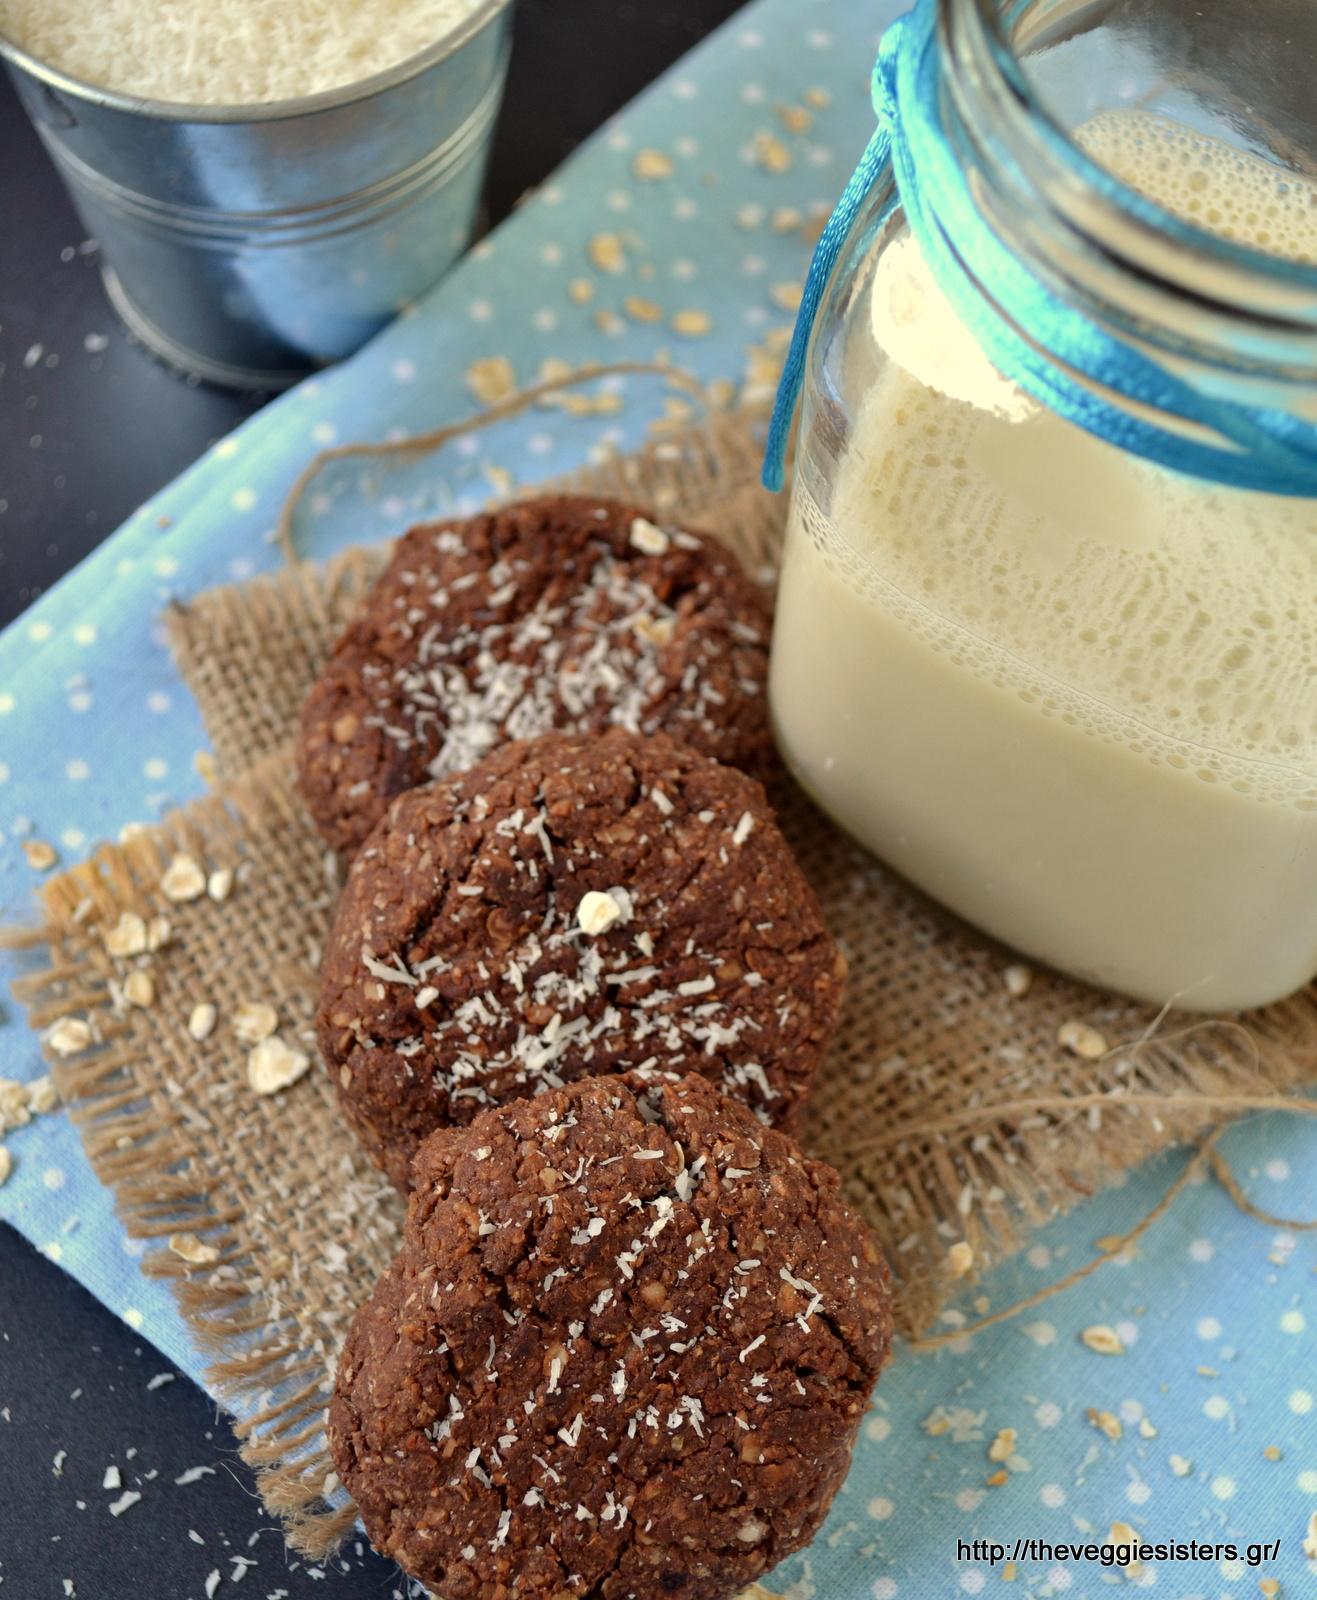 Μπισκότα με σοκολατένιο ταχίνι, βρώμη κ καρύδα